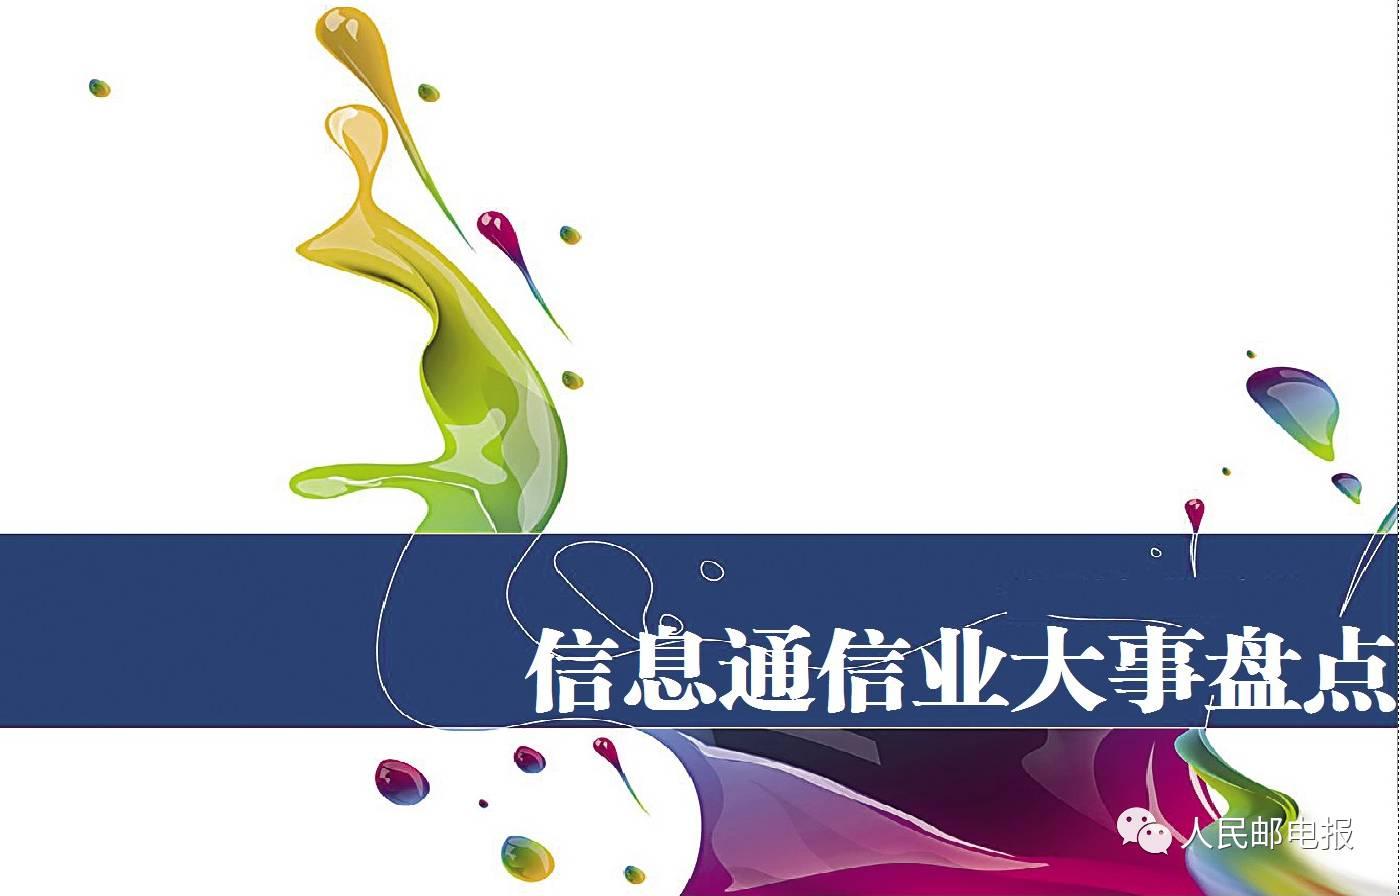 """2016行业大事盘点(三)  运营企业创新突破 转型升级"""""""